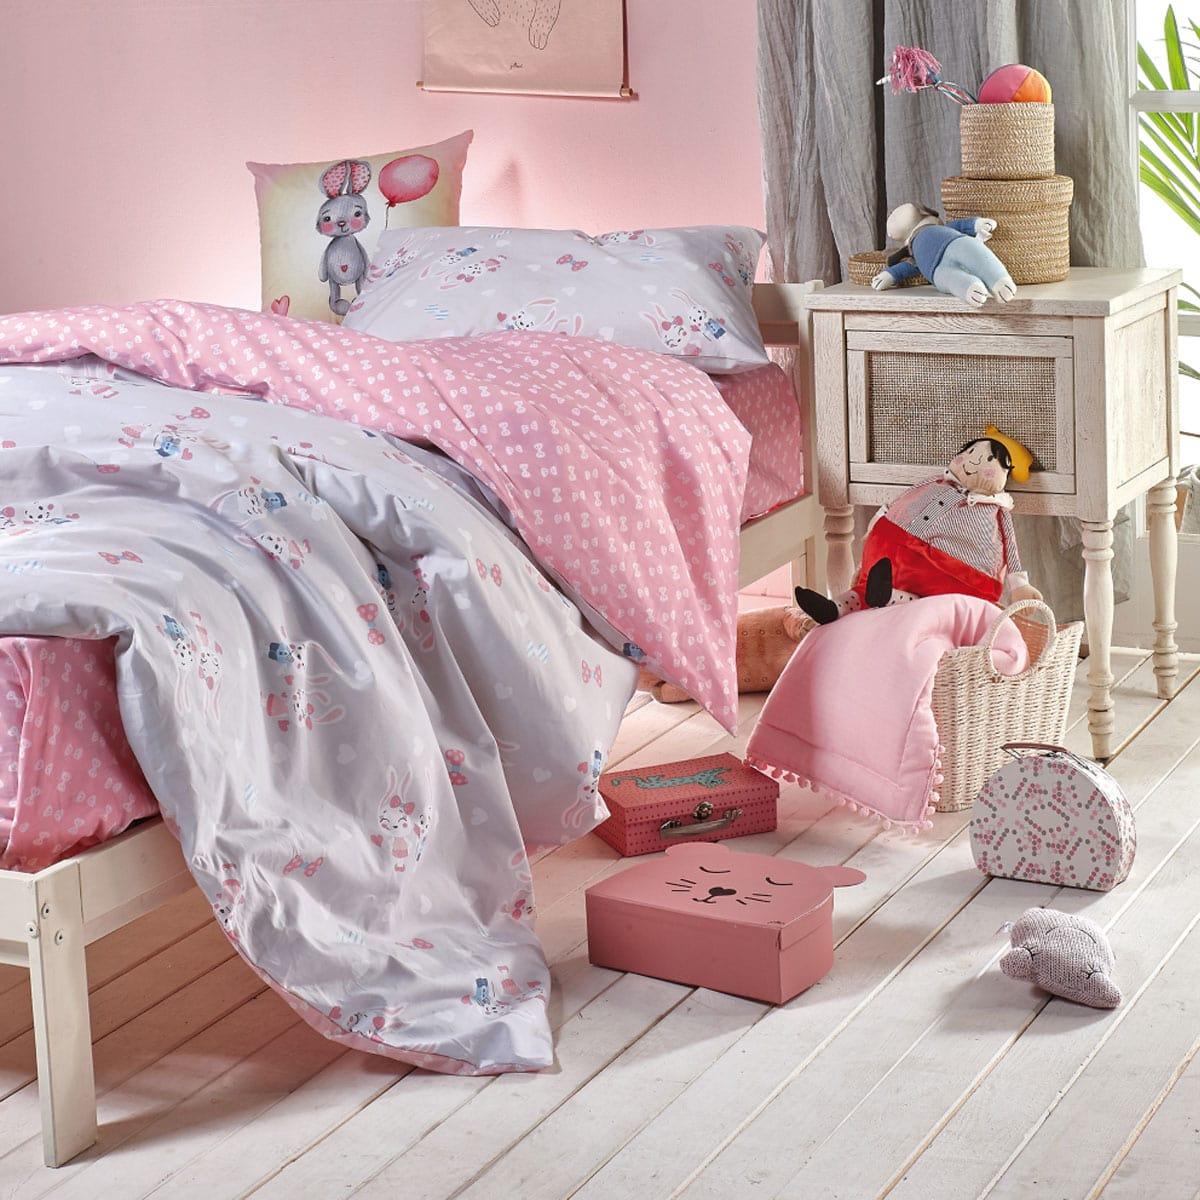 Σεντόνια Παιδικά Σετ 3Τμχ. Barny Grey-Pink Kentia Μονό 160x255cm